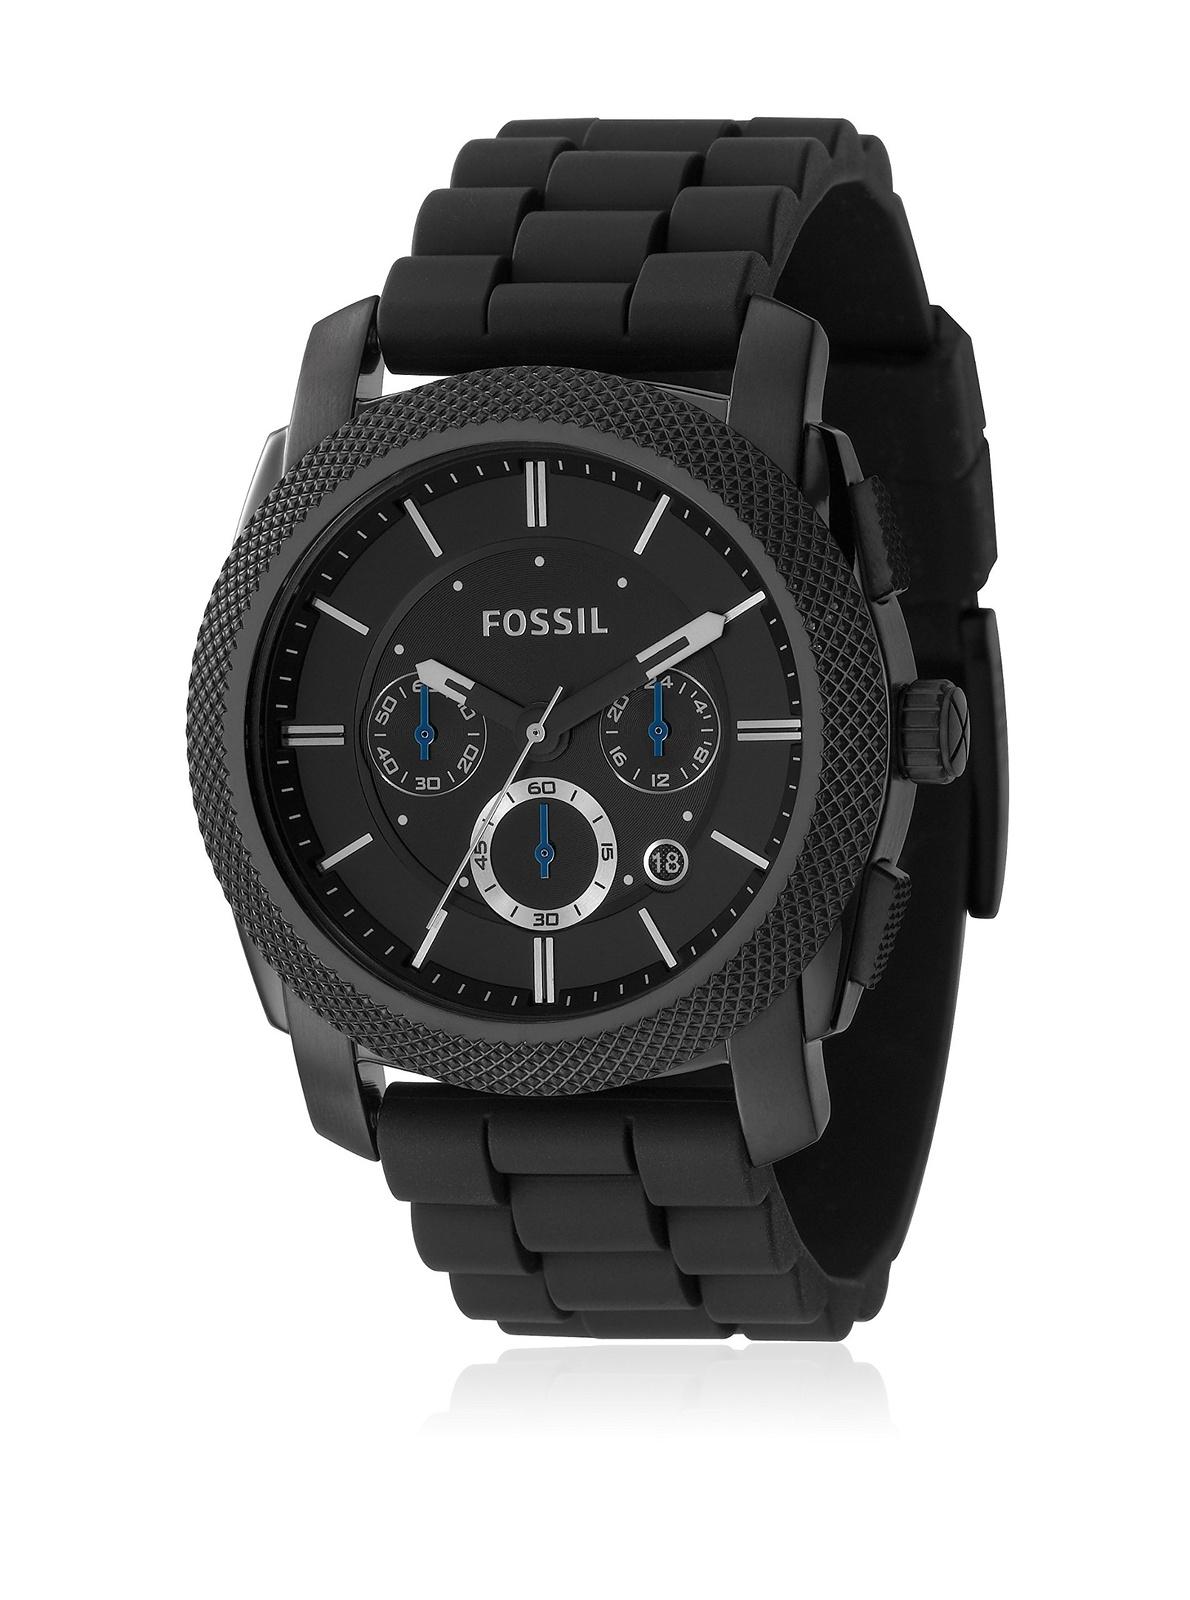 Fossil FS4487 Herenhorloge voor € 66,84 @ Amazon Buy VIP (DE)